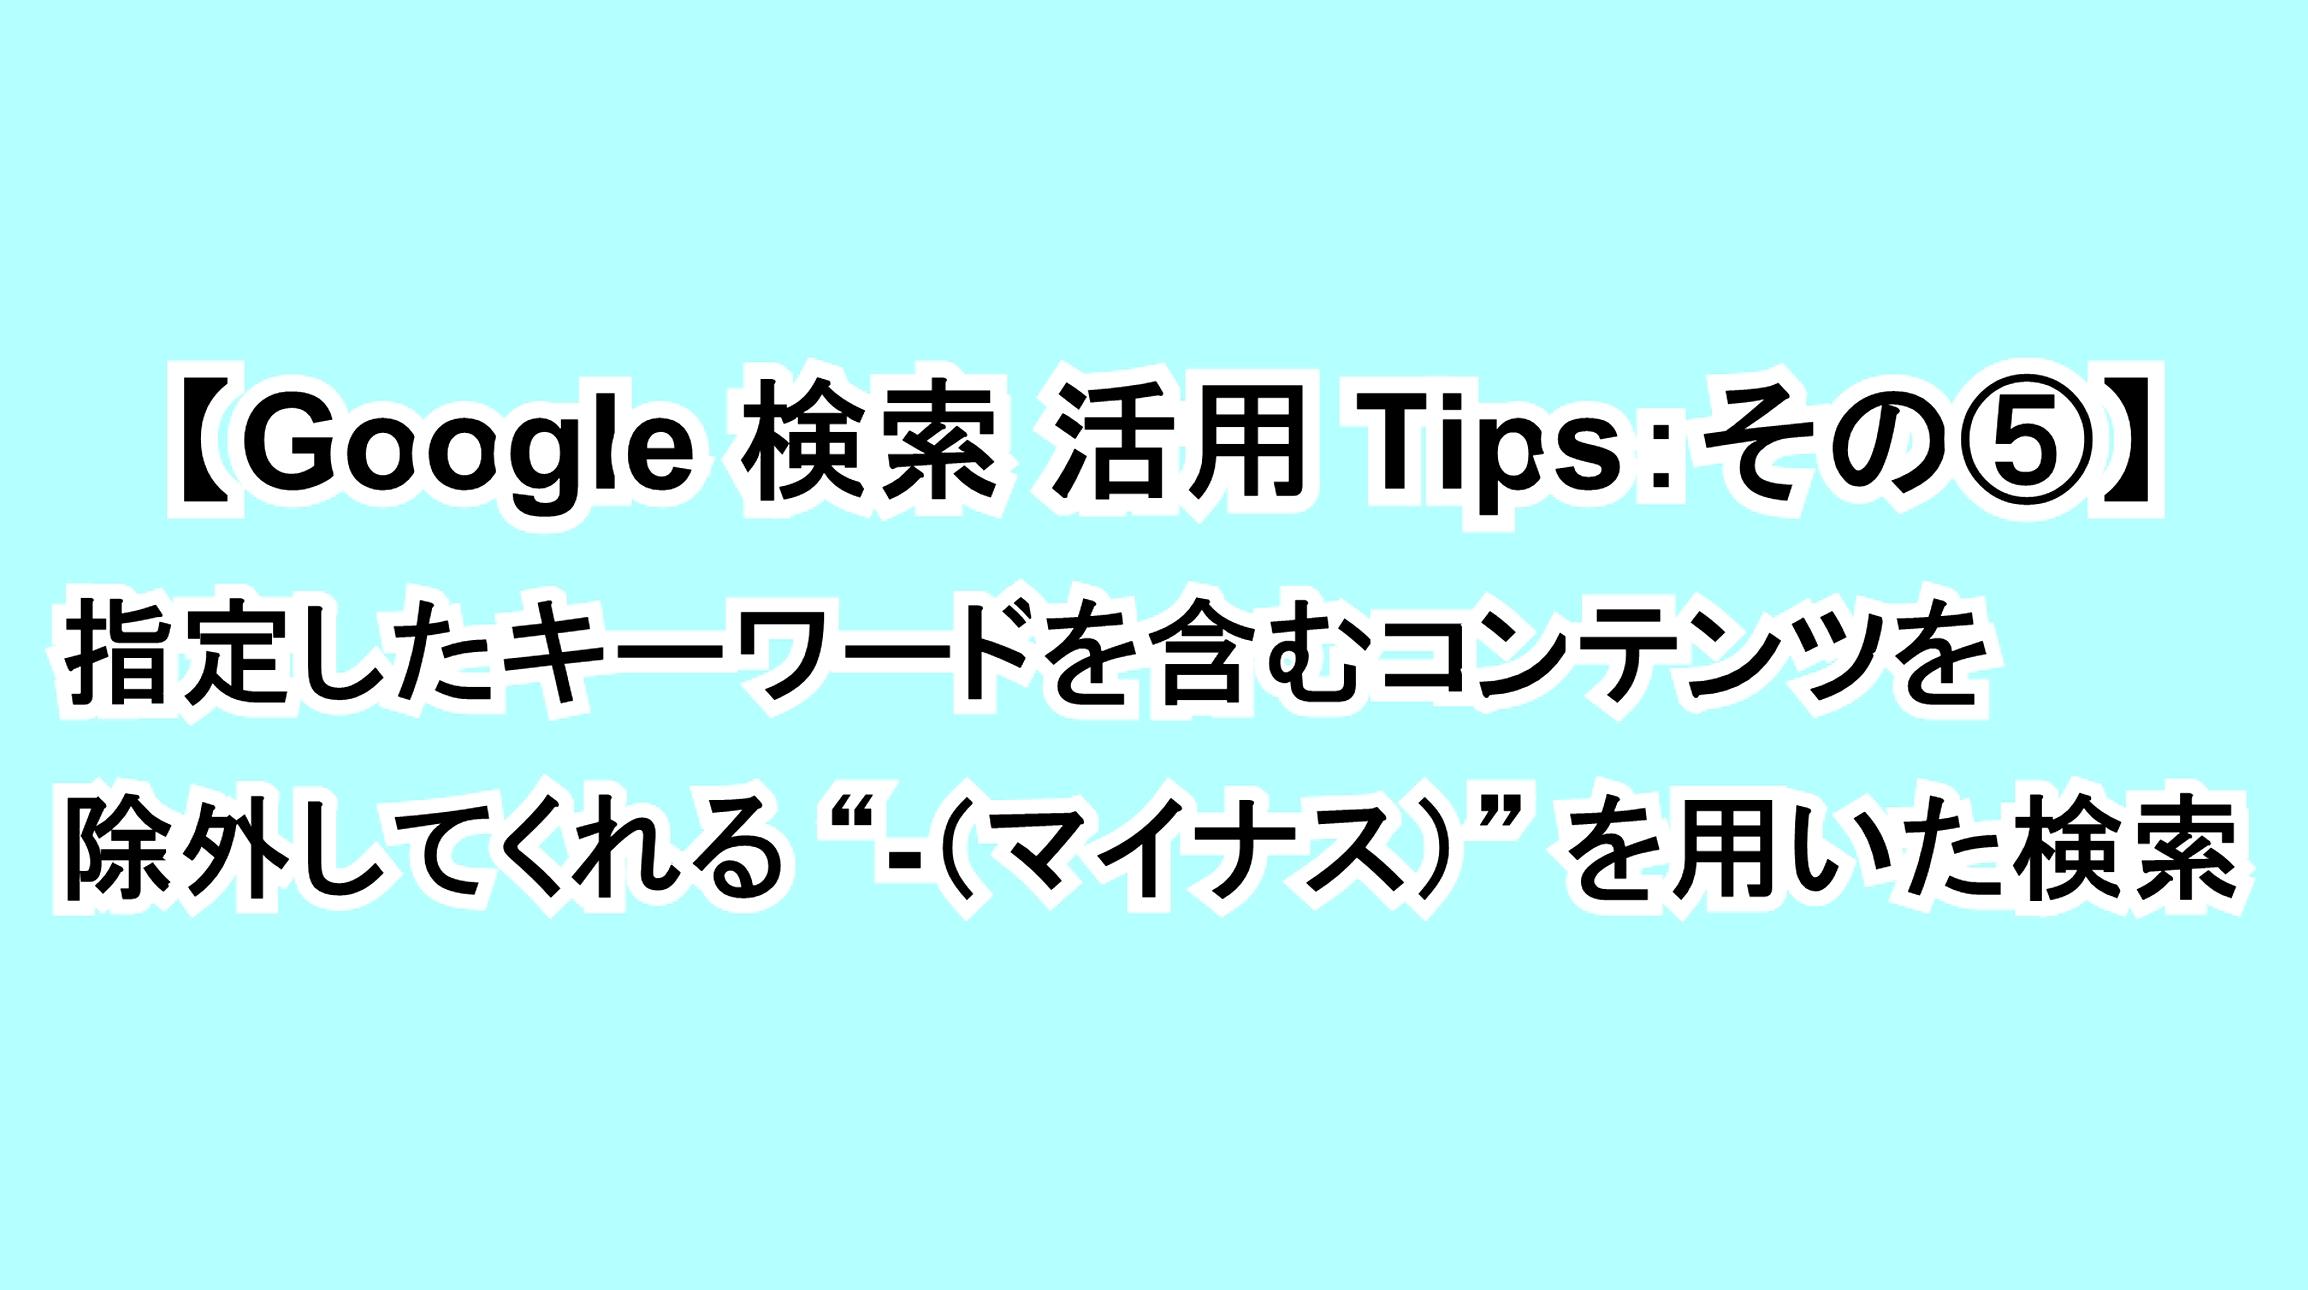 """【Google 検索活用Tips:その⑤】指定したキーワードを含むコンテンツを除外してくれる""""-(マイナス)""""を用いた検索"""